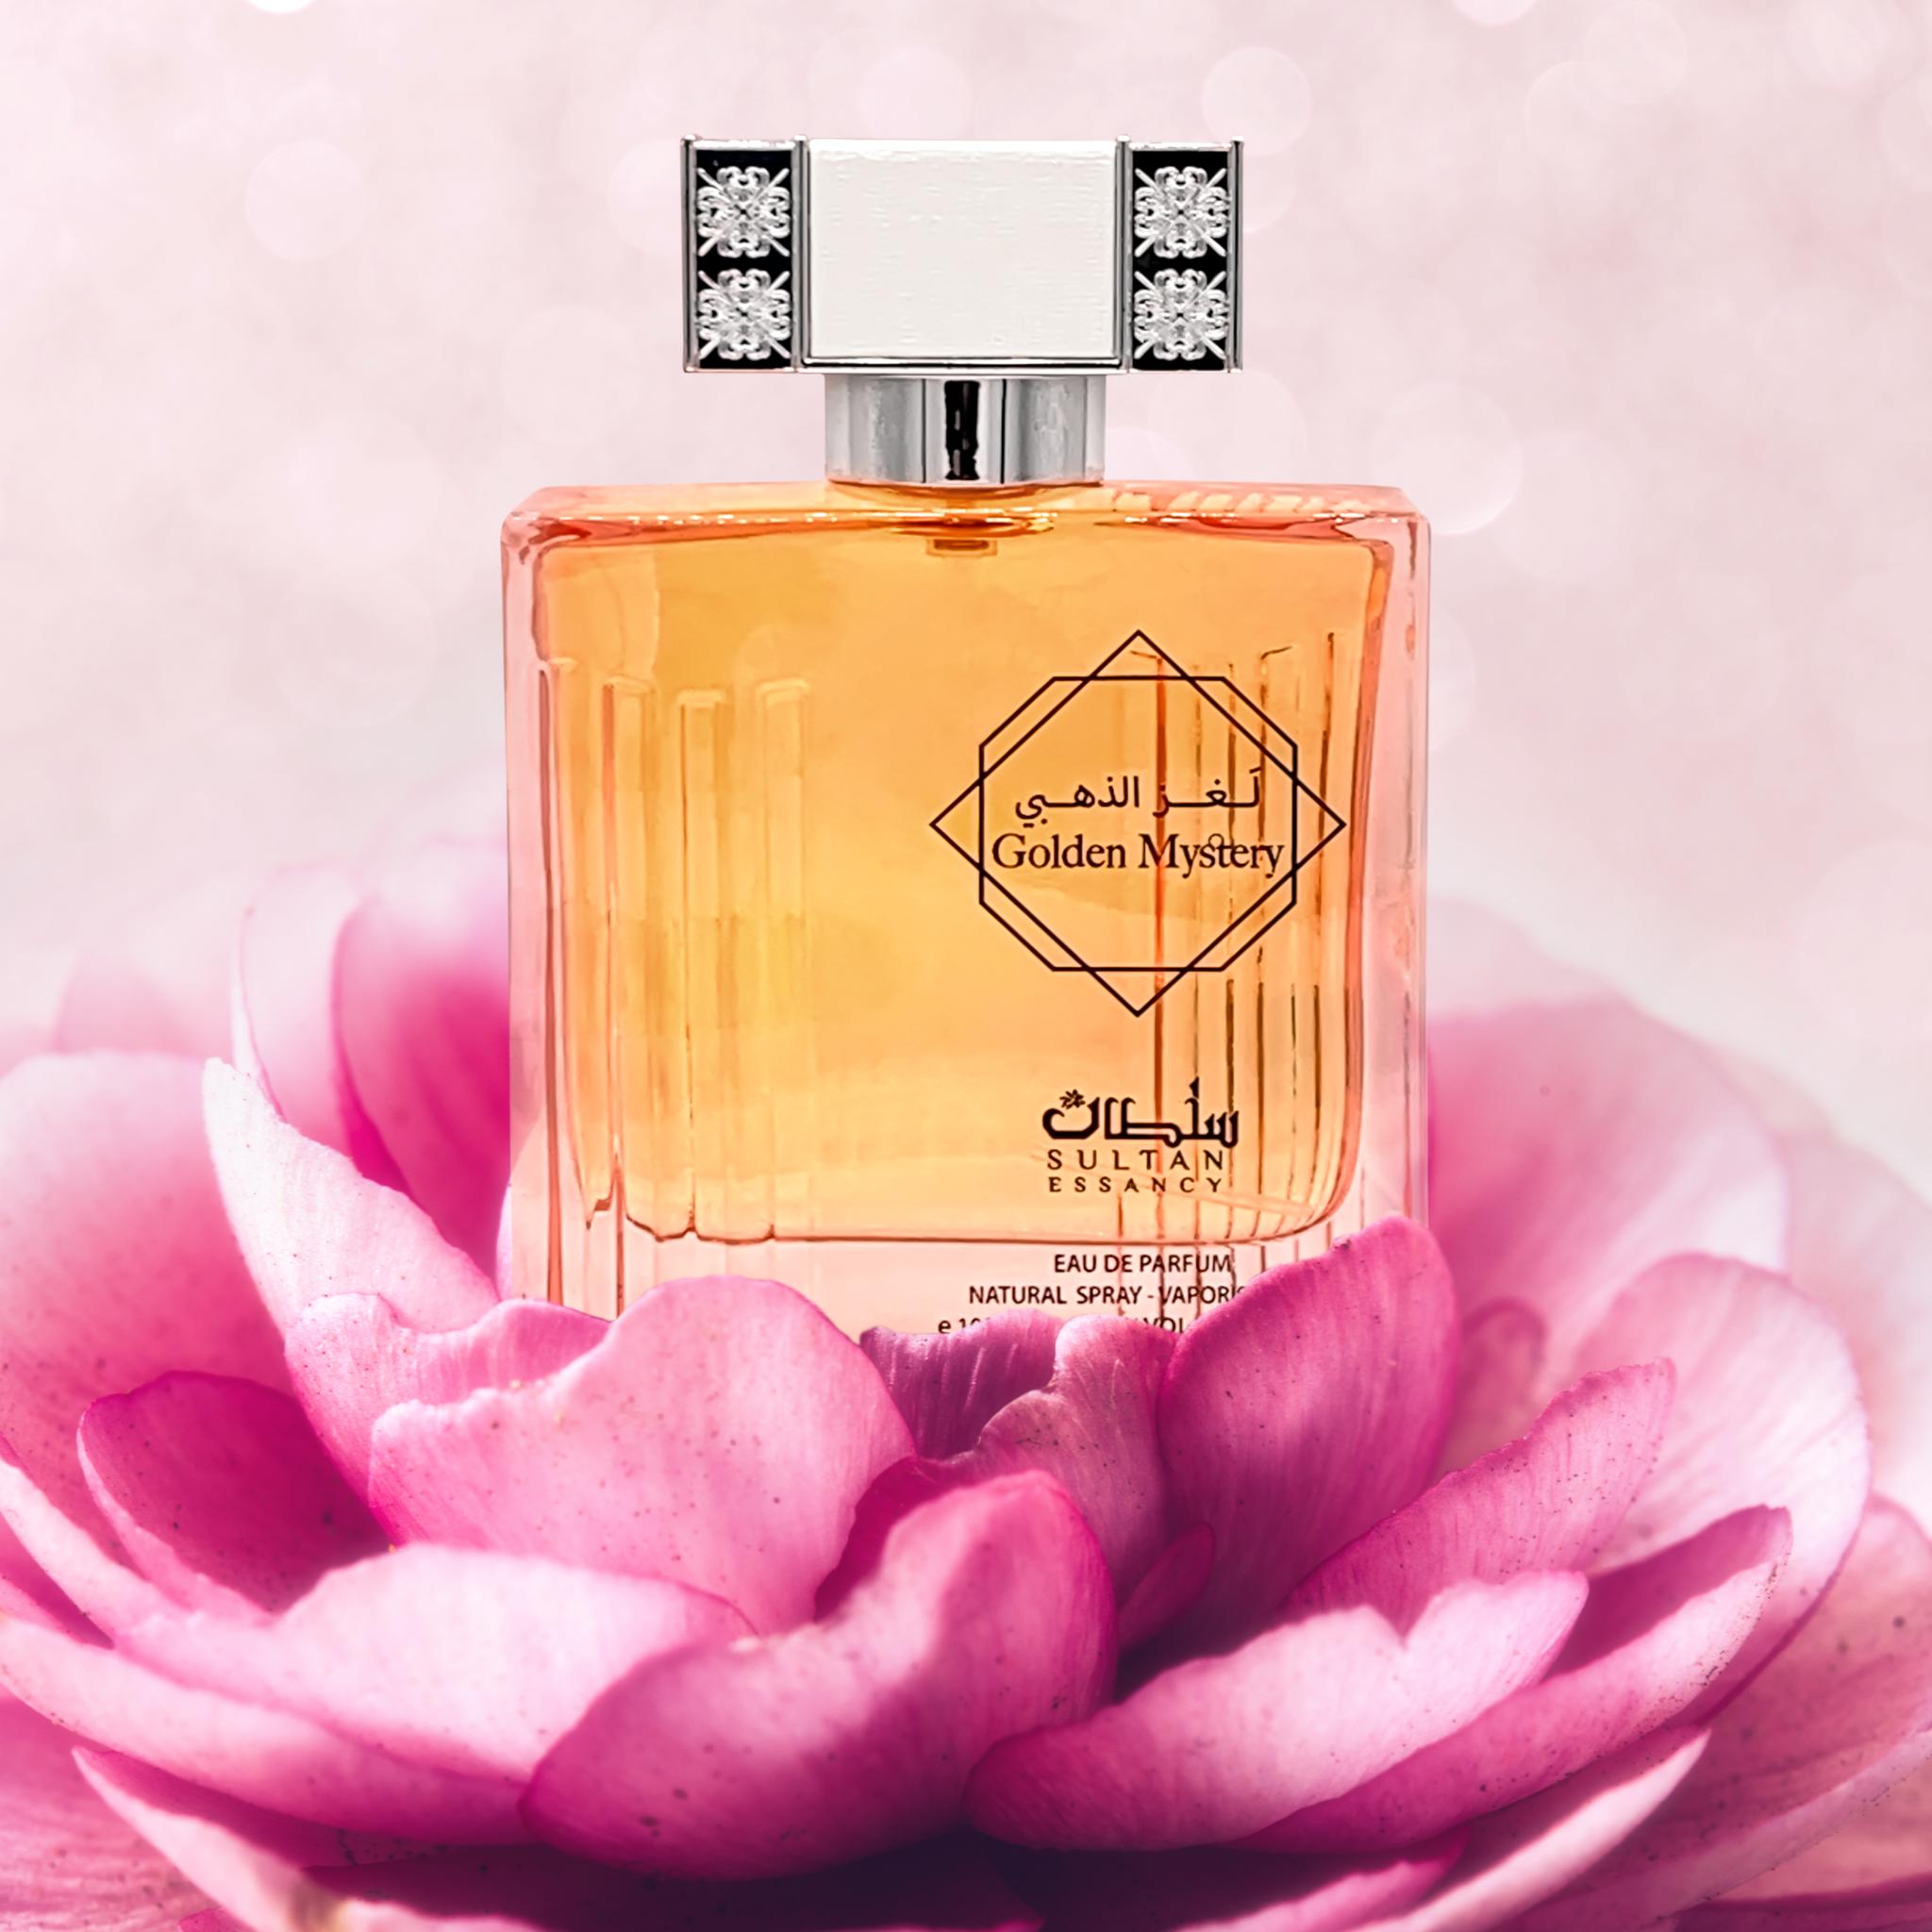 Parfüm Golden Mystery Eau de Perfume von Sultan Essancy